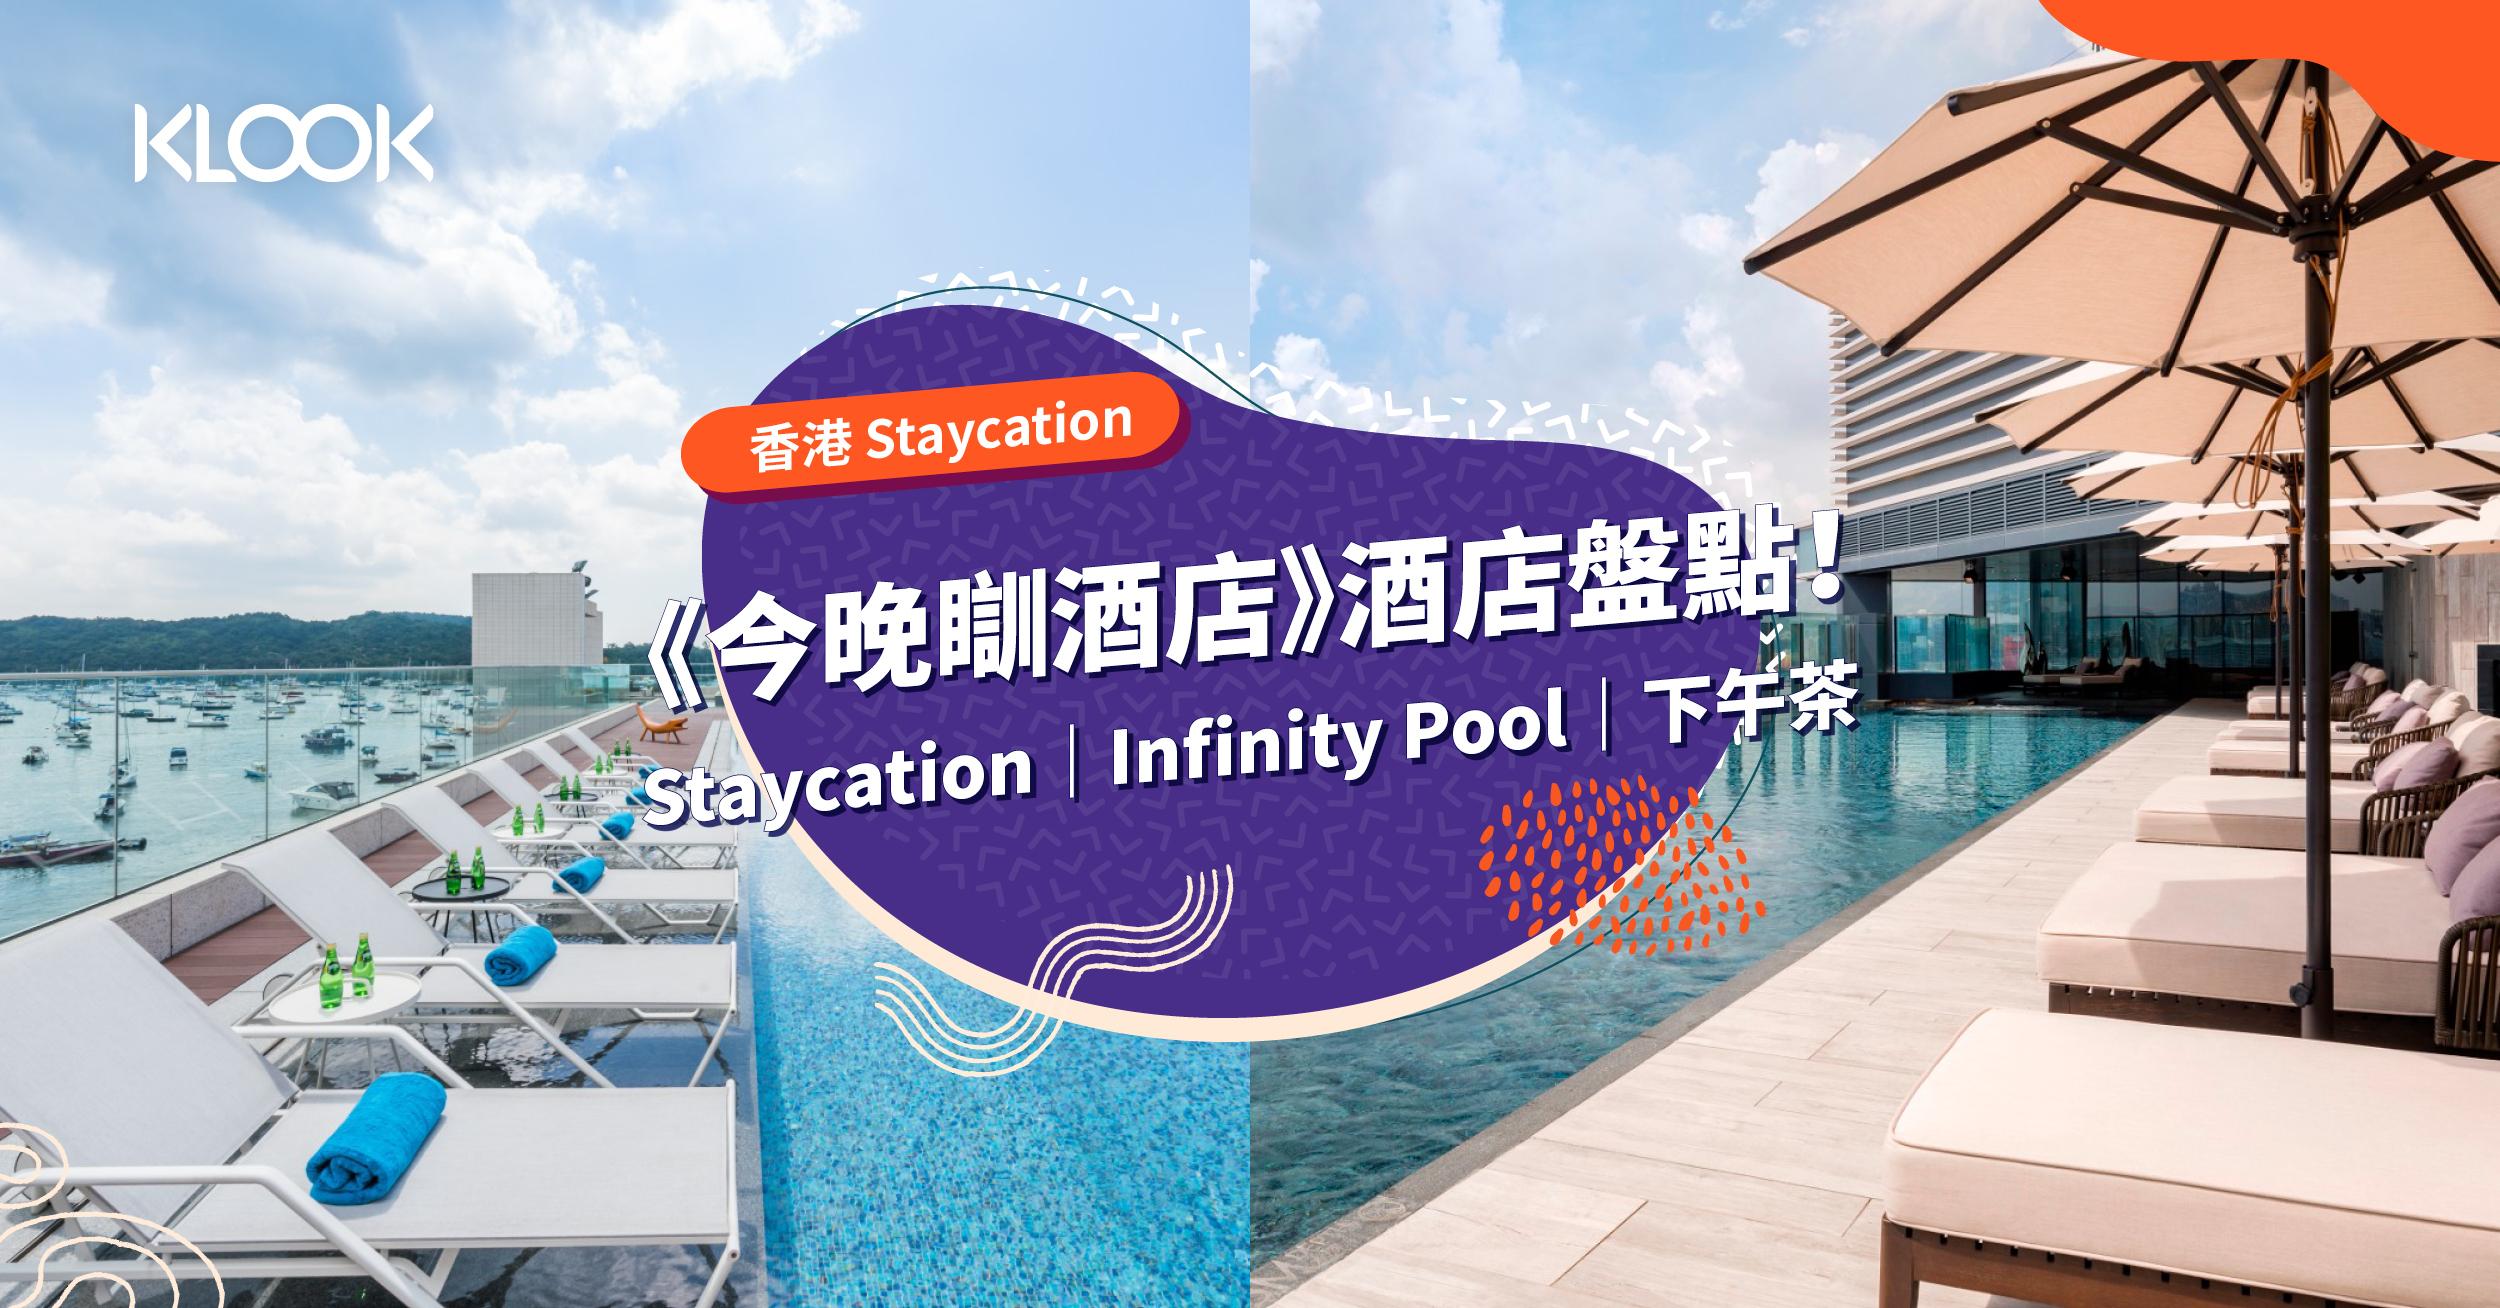 【香港酒店 Staycation】 ViuTV 《今晚瞓酒店》酒店盤點!